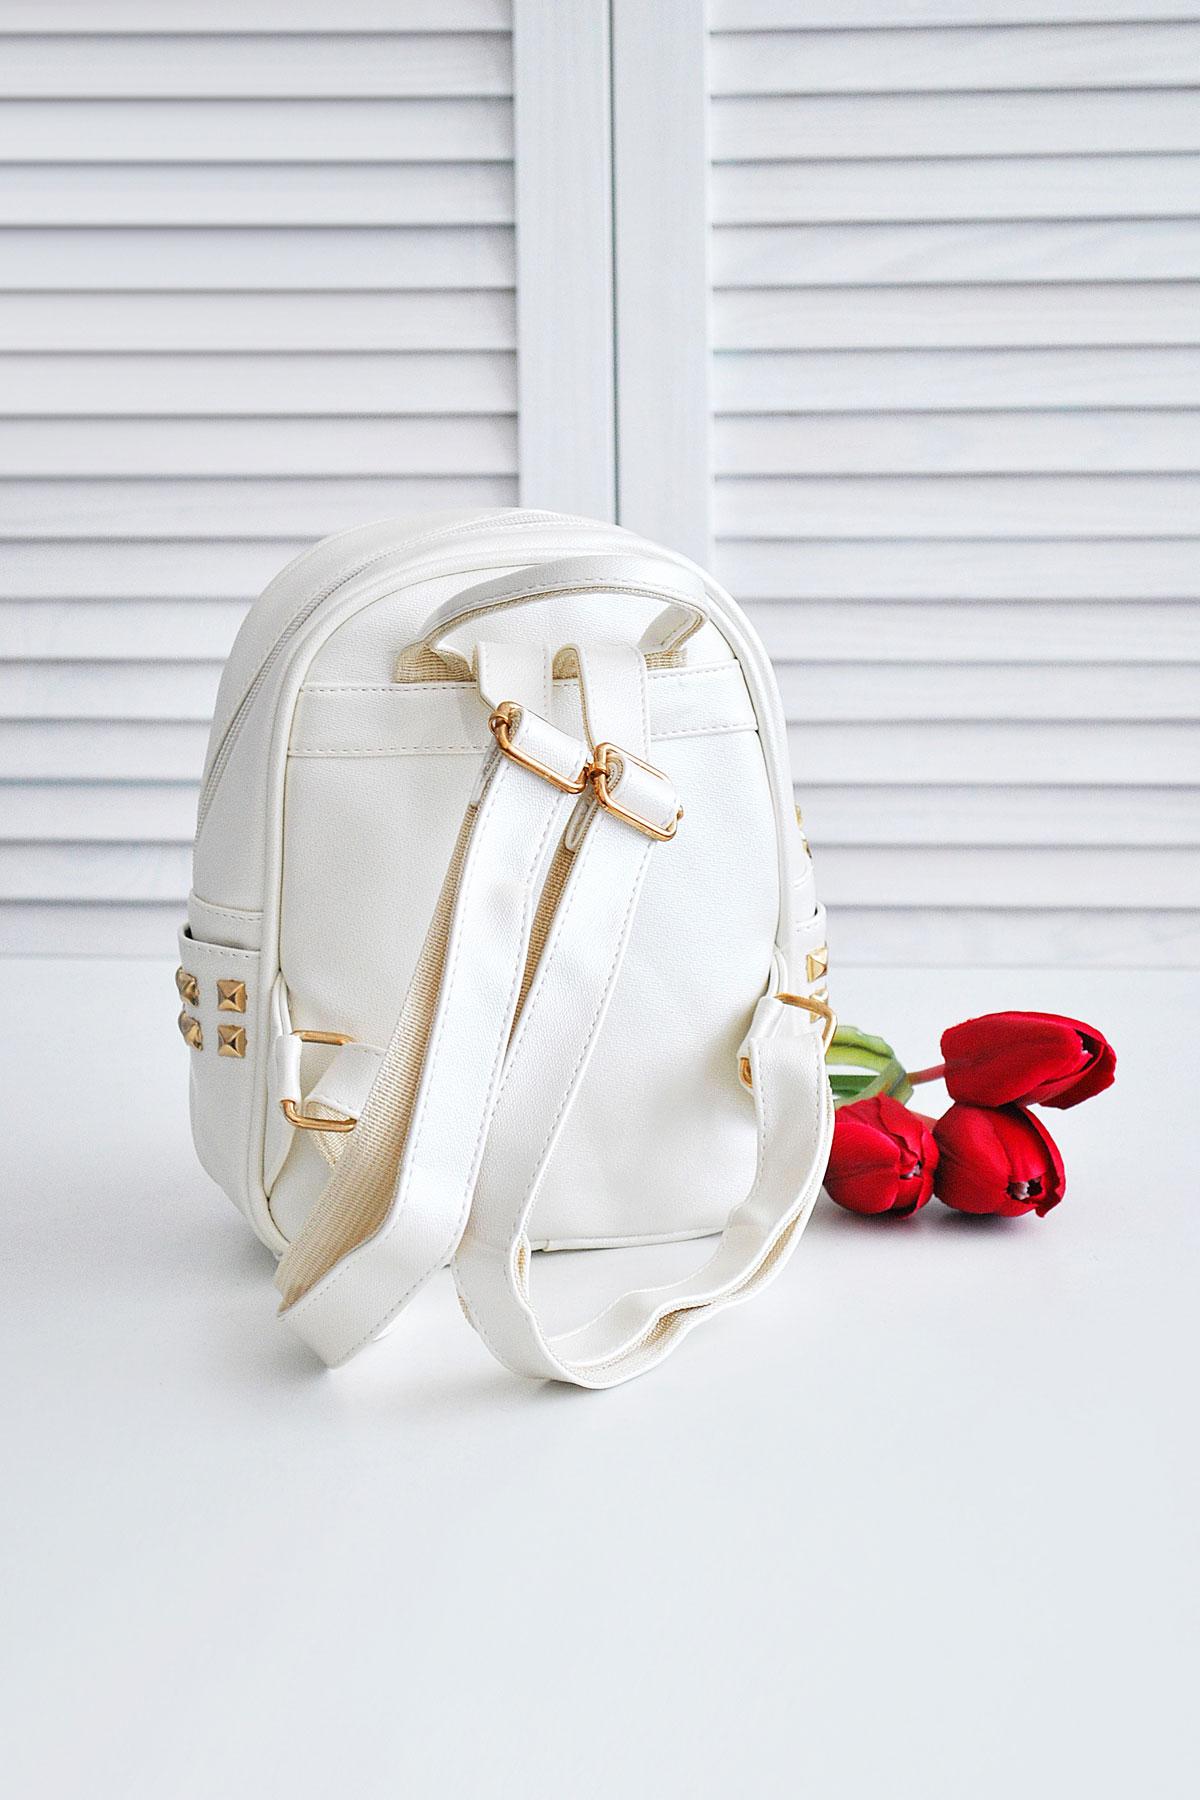 a22d56206810 небольшой рюкзак жемчужного цвета. Рюкзак 610. Цвет: жемчуг купить ...